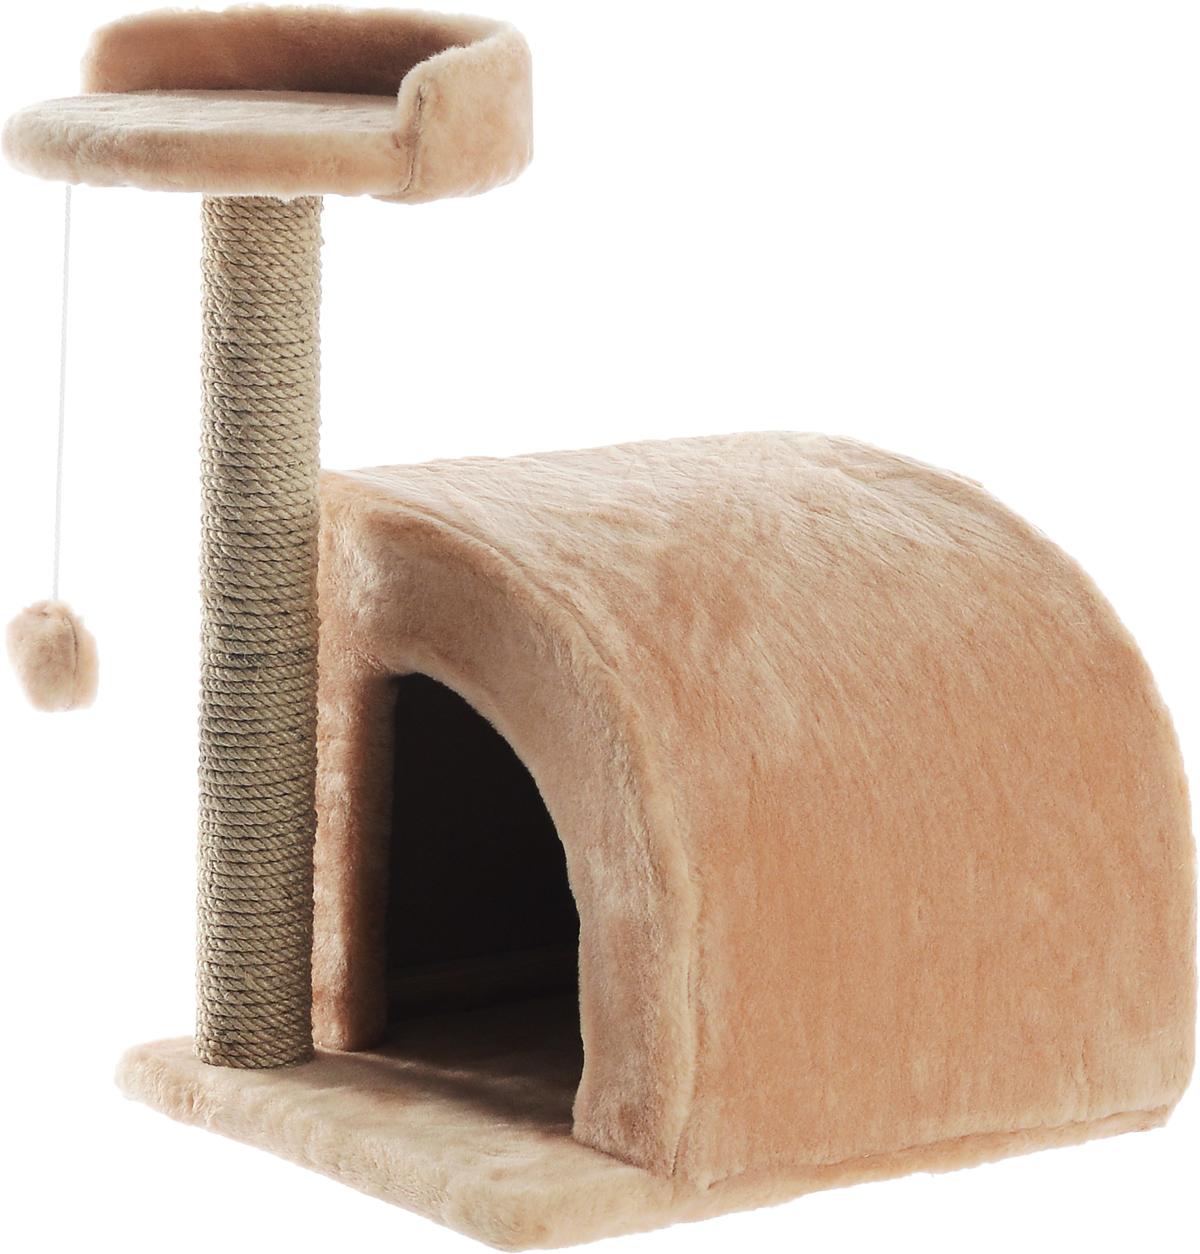 Домик-когтеточка Меридиан, полукруглый, цвет: светло-коричневый, бежевый, 54 х 40 х 59 см0120710Домик-когтеточка Меридиан выполнен из высококачественного ДВП и ДСП и обтянут искусственным мехом. Изделие предназначено для кошек. Ваш домашний питомец будет с удовольствием точить когти о специальный столбик, изготовленный из джута. А отдохнуть он сможет либо на полке, либо в домике. Изделие снабжено подвесной игрушкой. Домик-когтеточка Меридиан принесет пользу не только вашему питомцу, но и вам, так как он сохранит мебель от когтей и шерсти.Общий размер: 54 х 40 х 59 см.Размер домика: 36 х 36 х 32 см.Размер полки: 27 х 26 см.